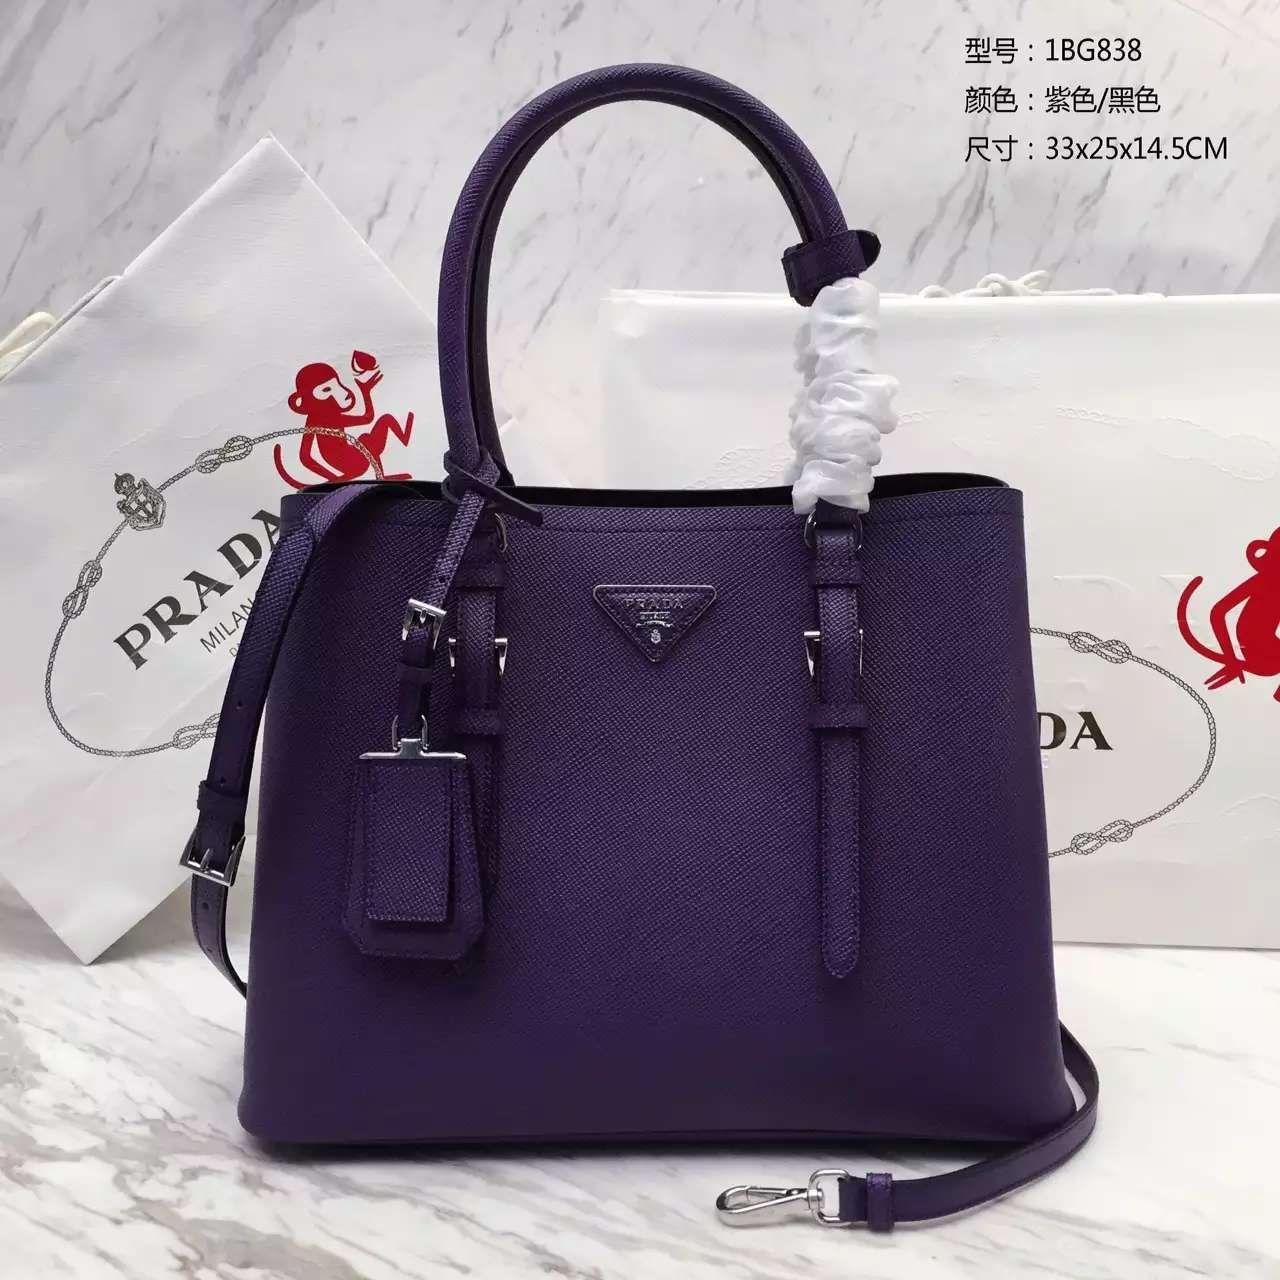 1d096e43 where can i buy prada purse 2016 64548 228ff